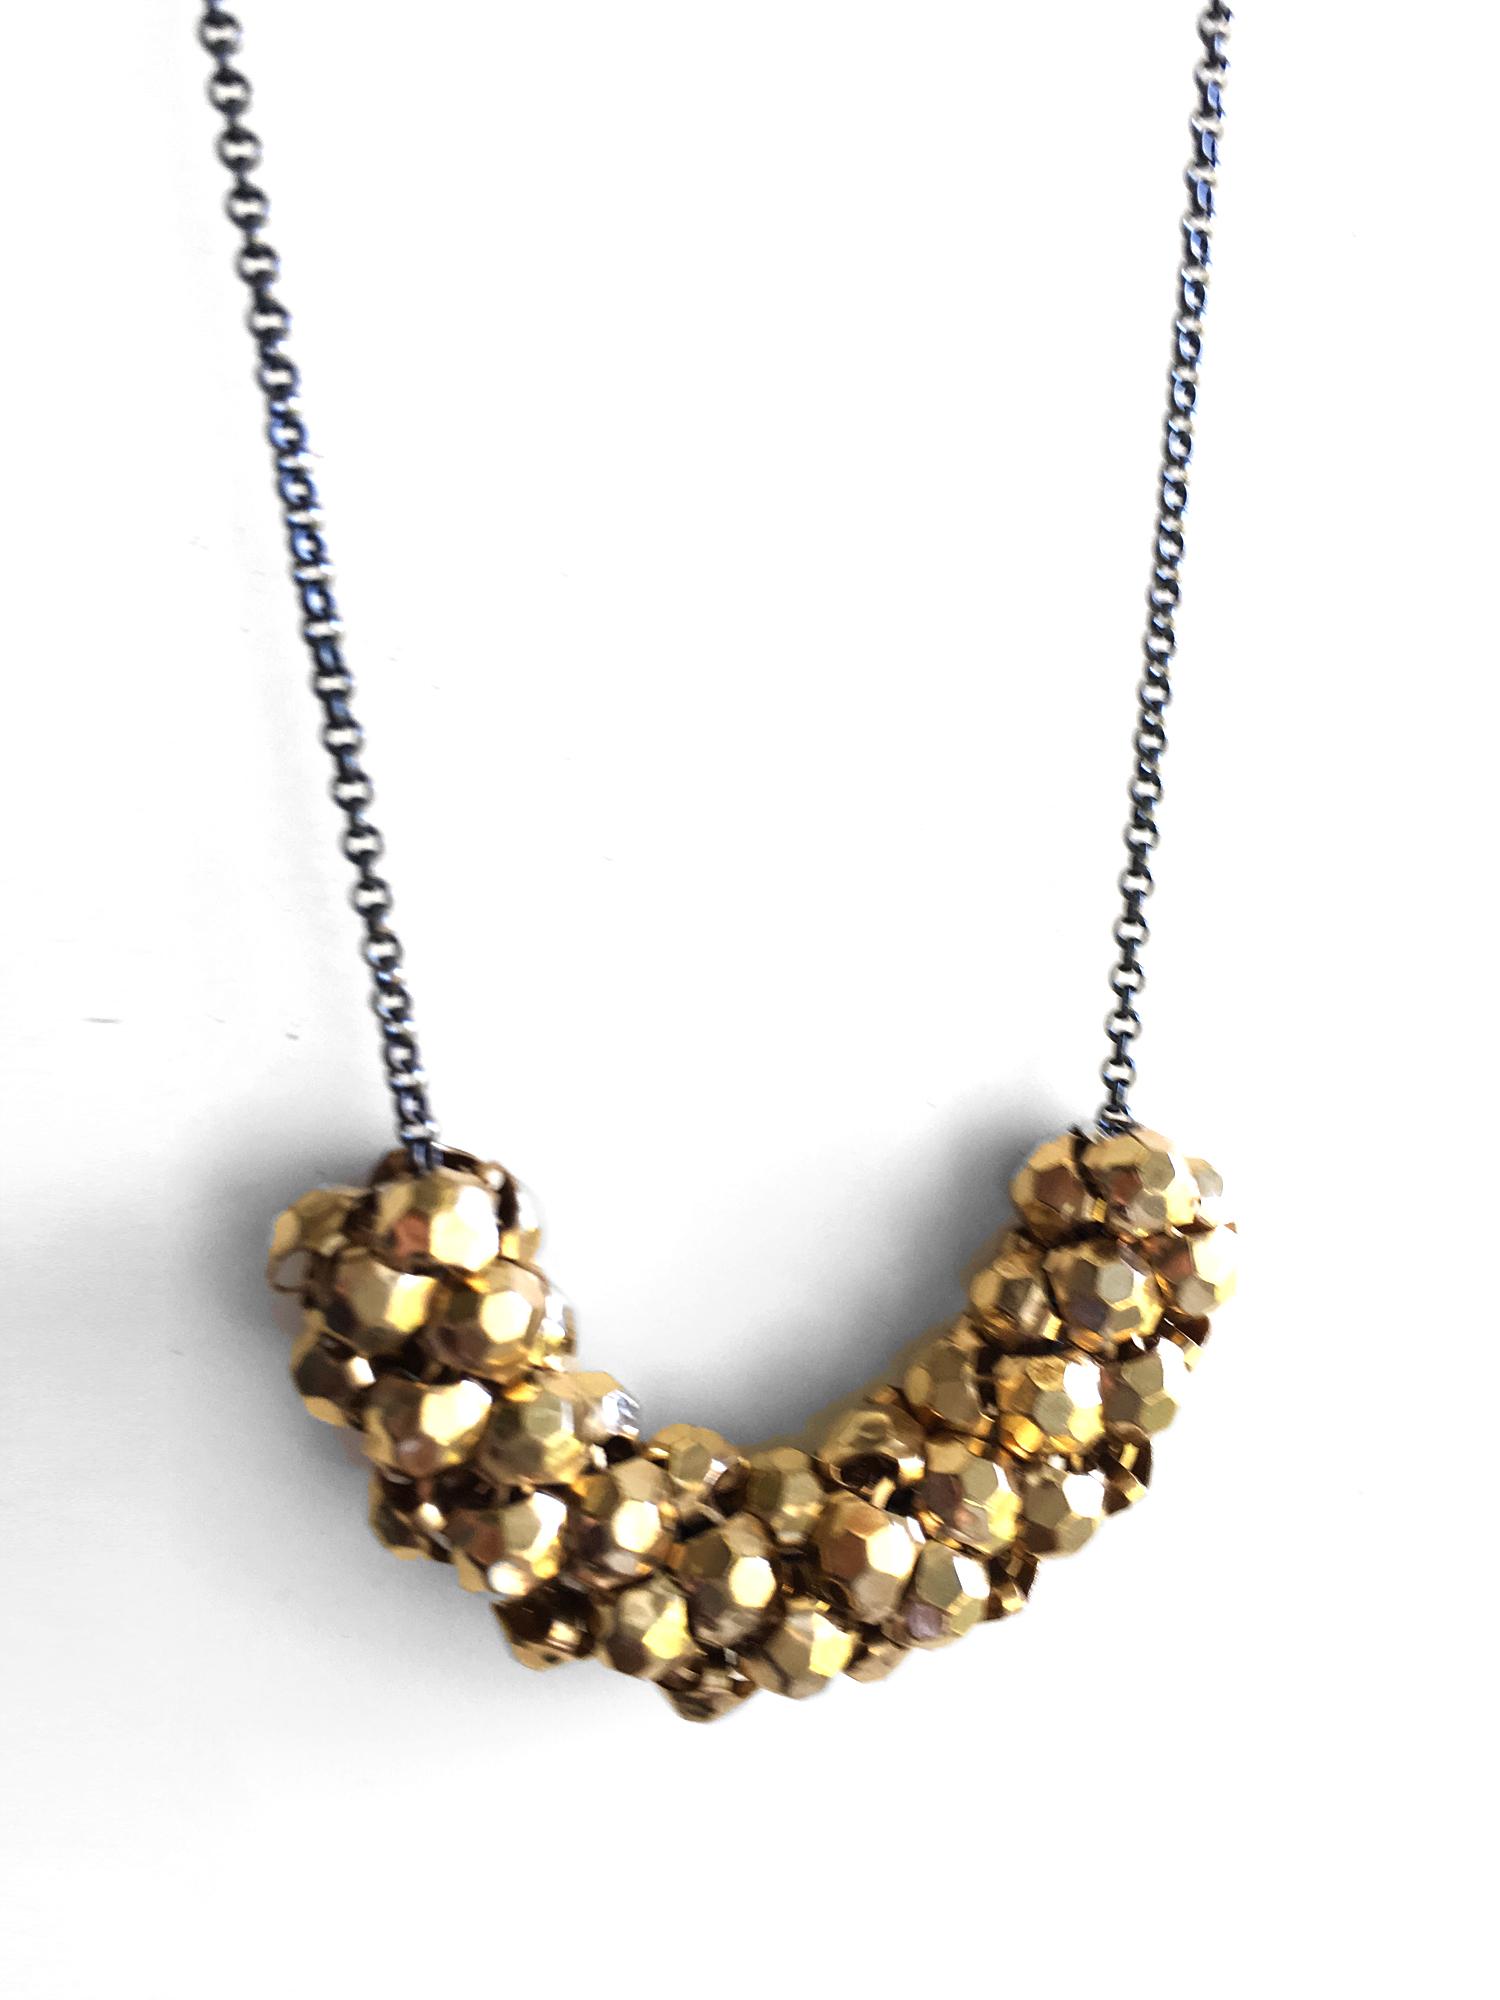 stud-roller-necklace-maralrapp.jpg